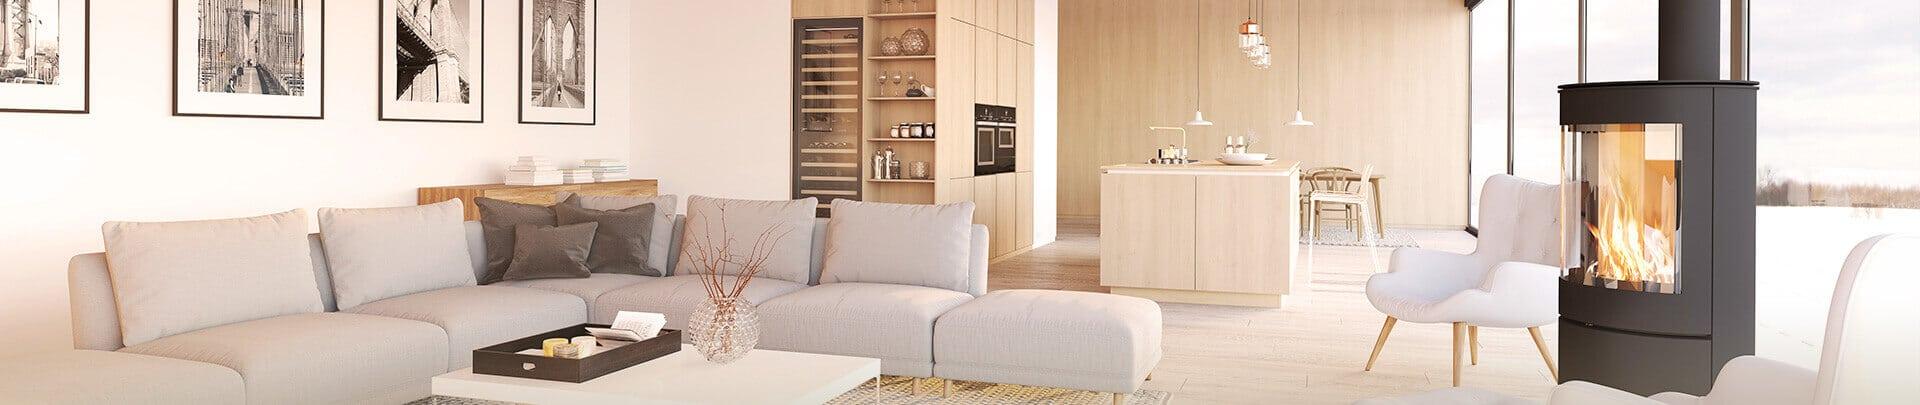 Wohnzimmer mit Kamin